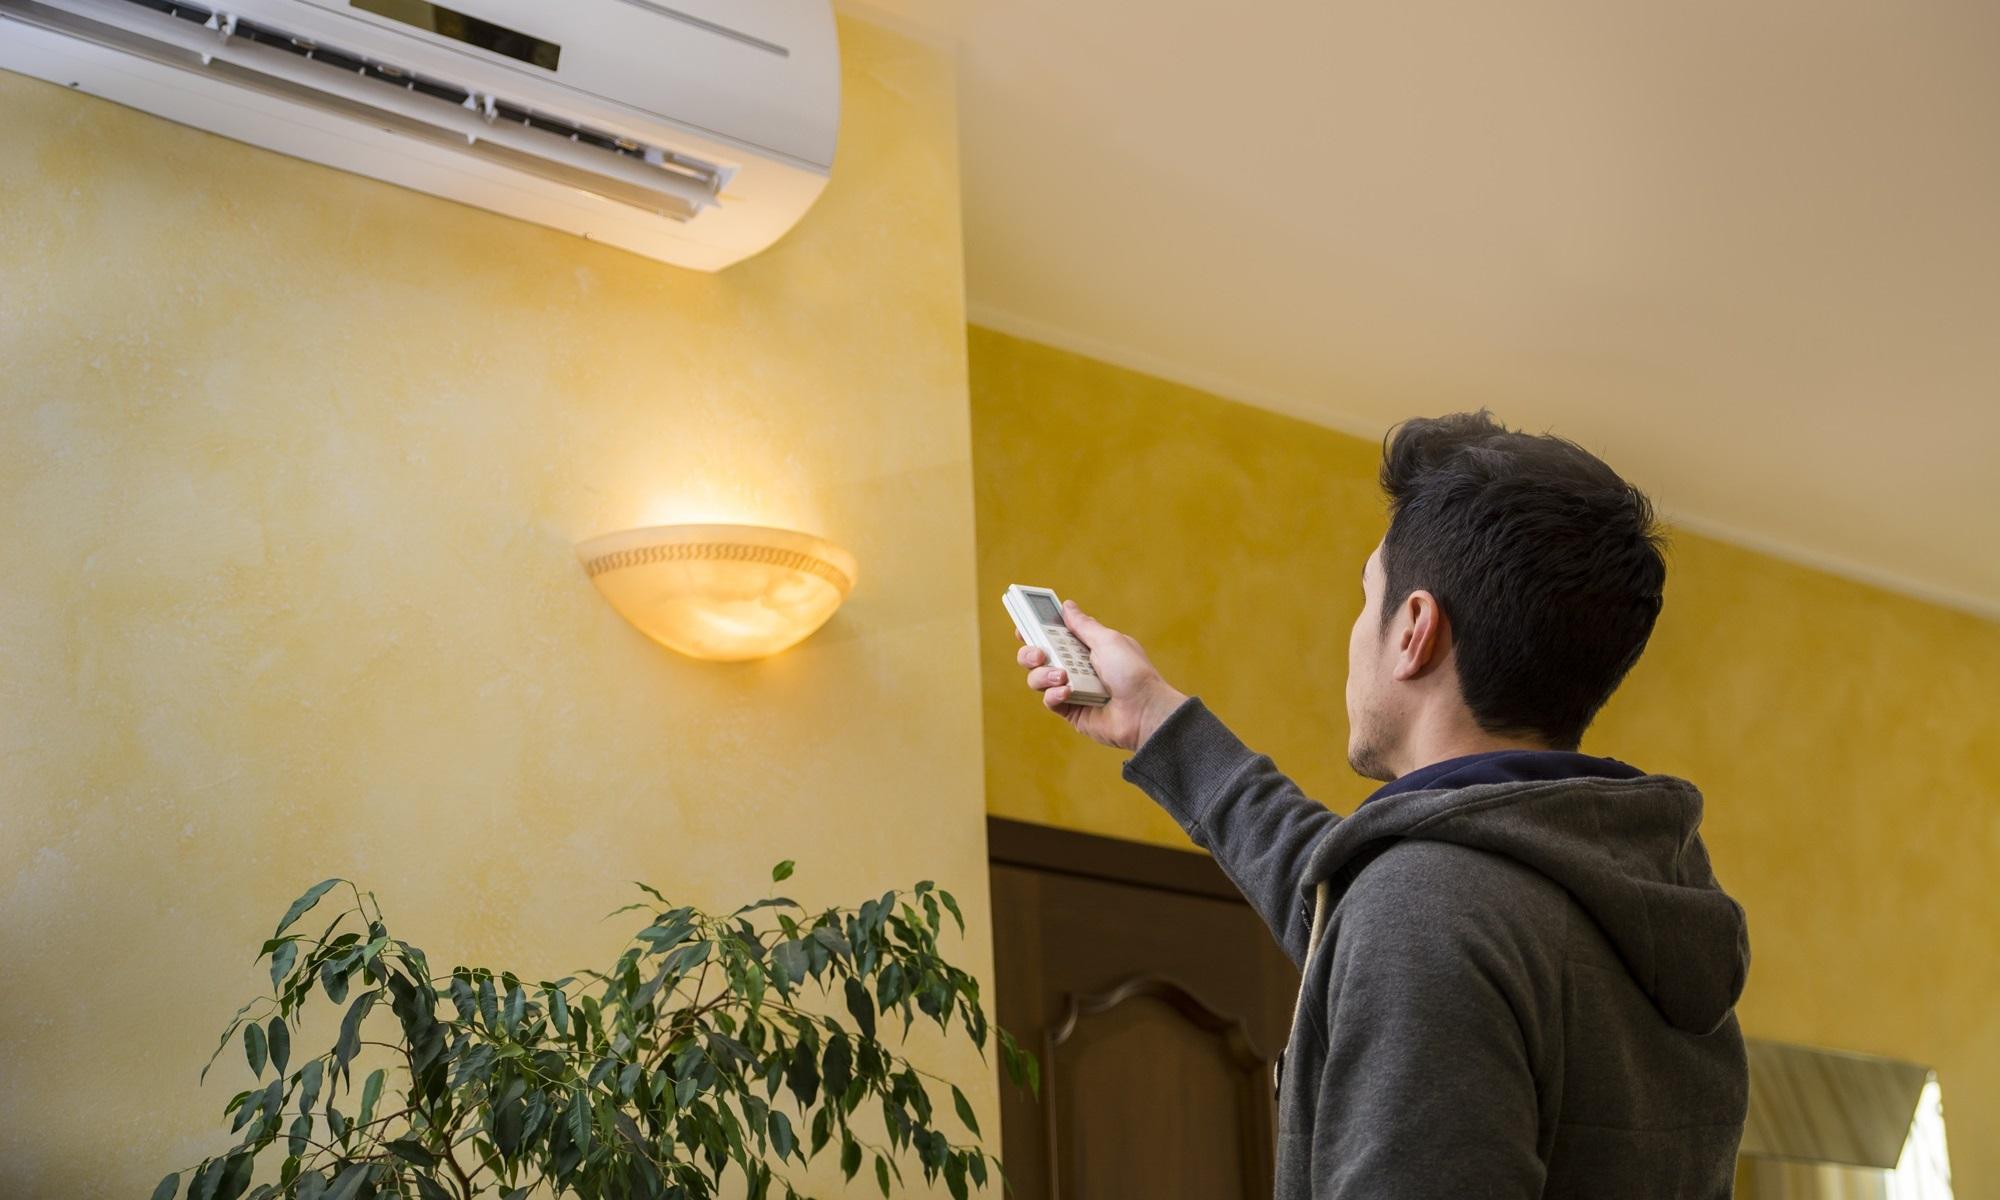 ¿Cómo calcular aire acondicionado para una habitación?